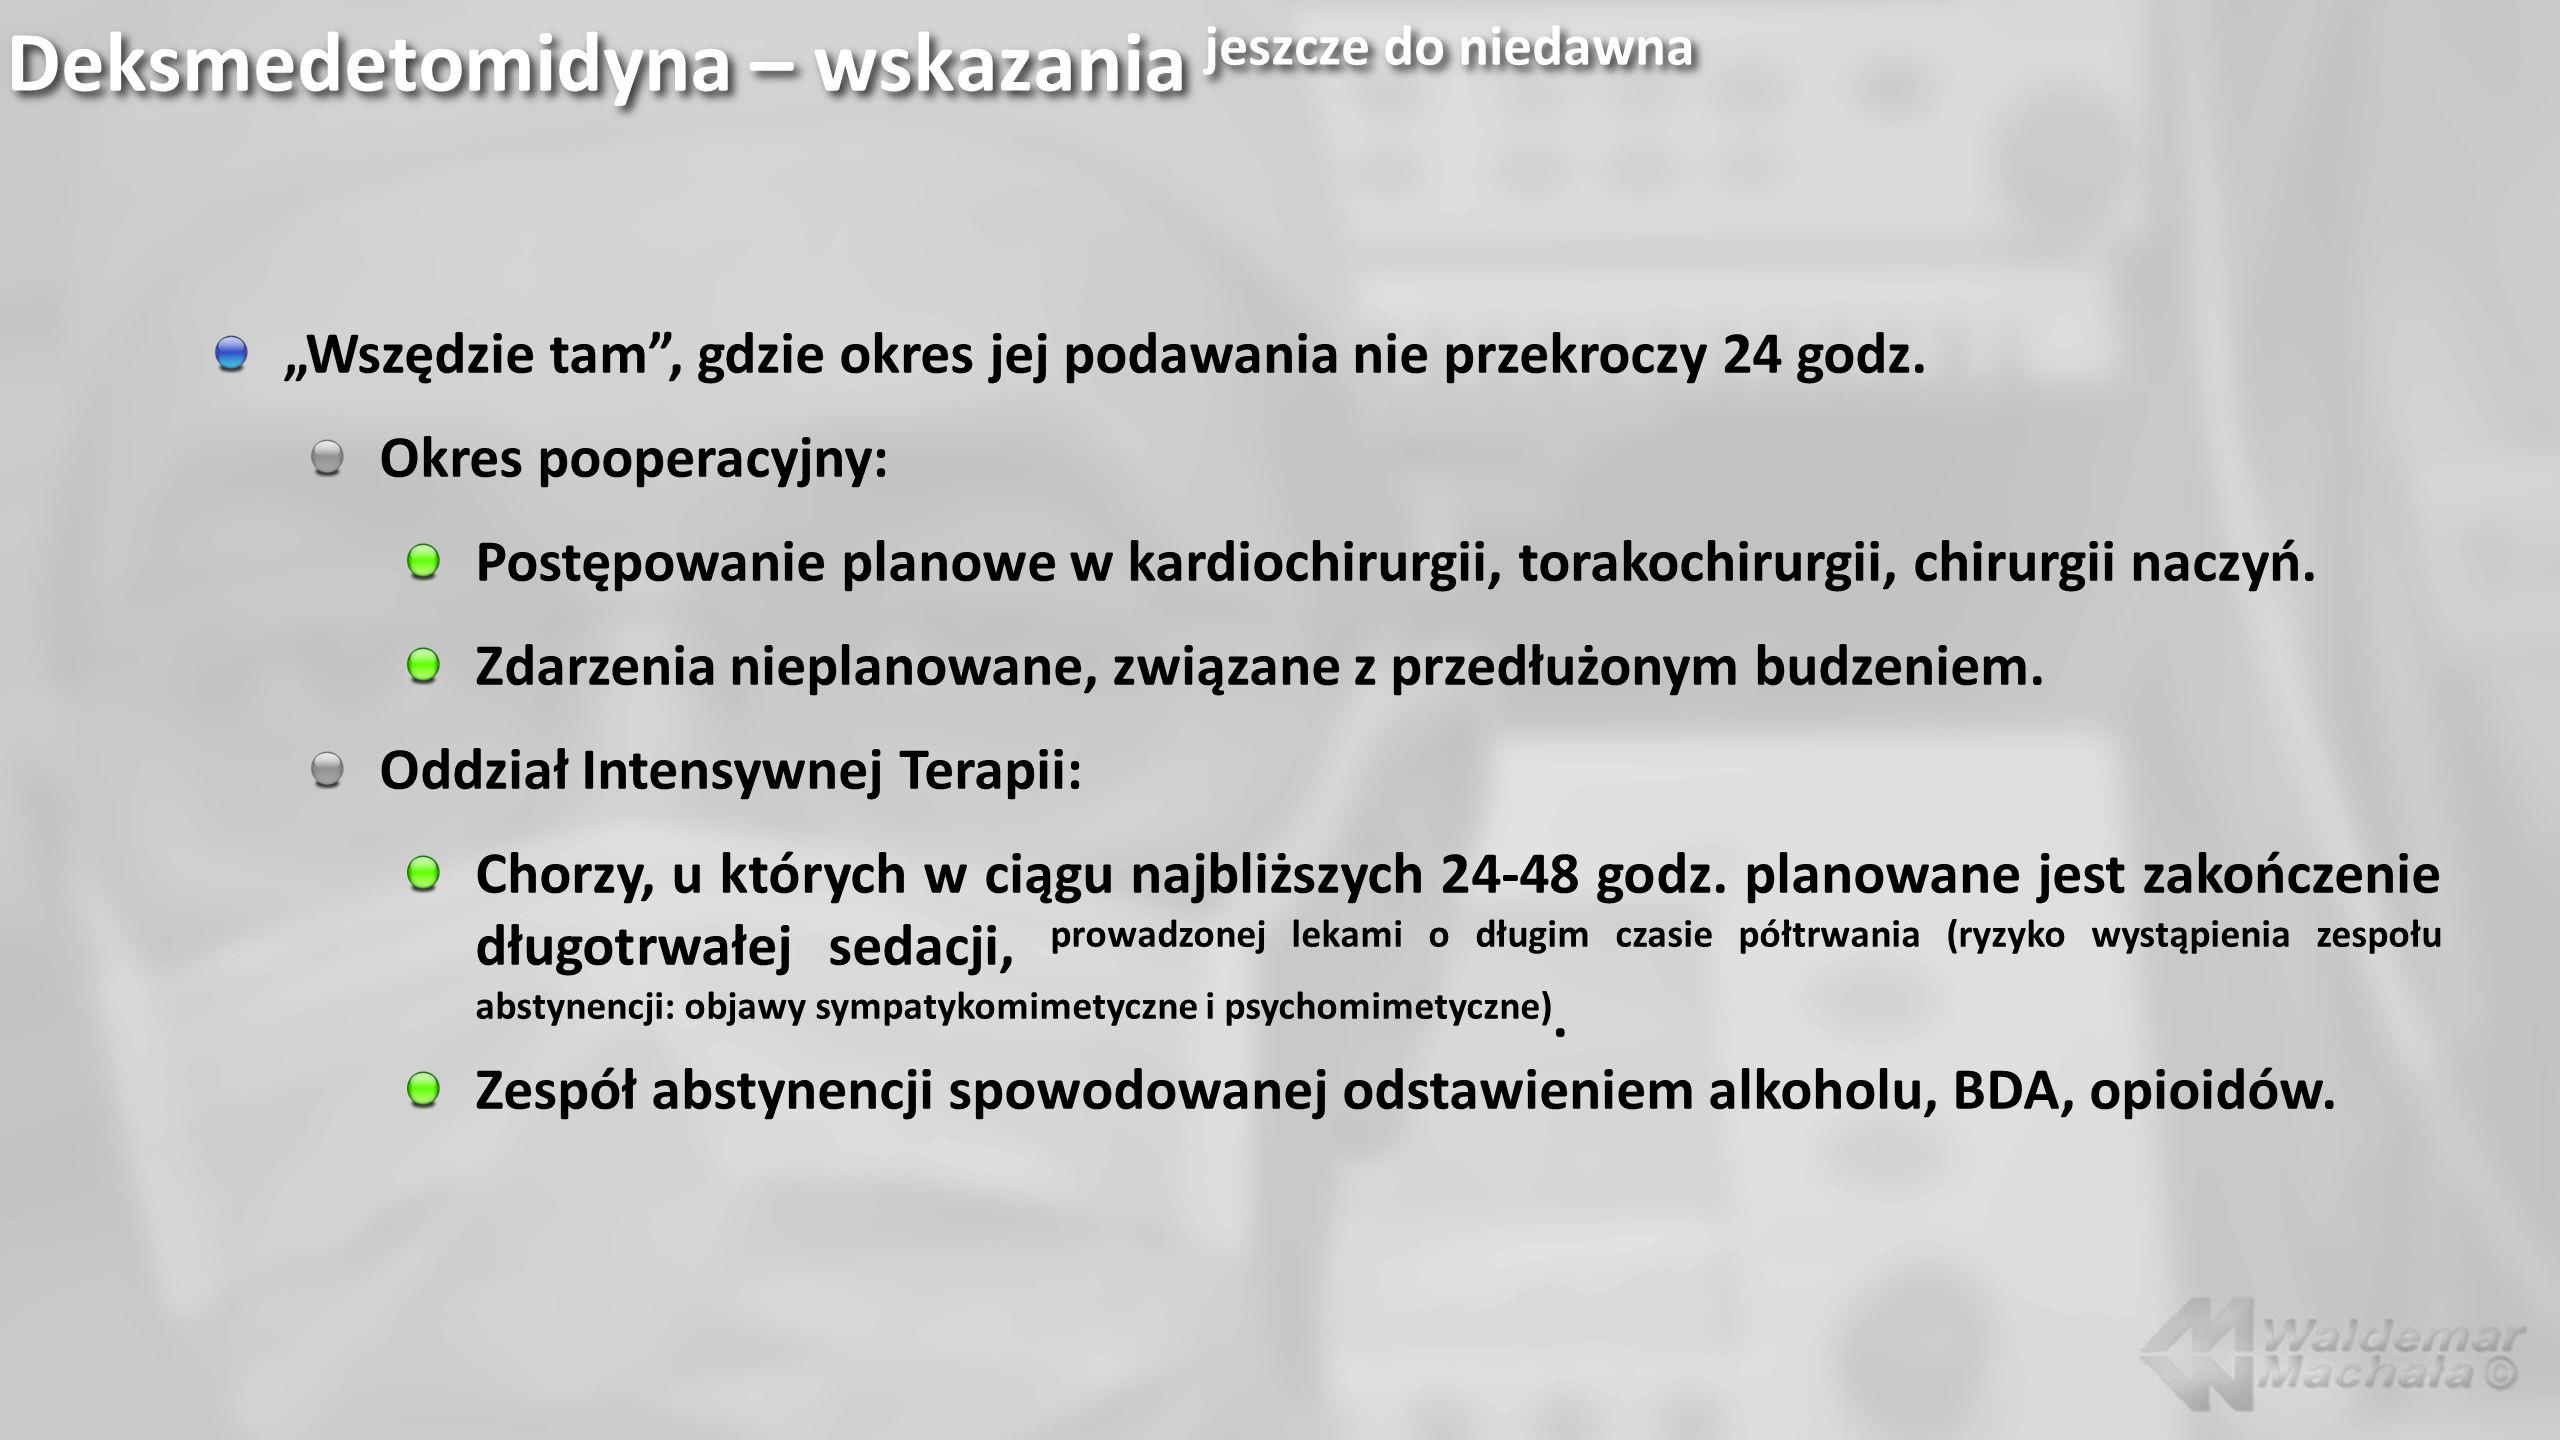 Deksmedetomidyna – wskazania jeszcze do niedawna Wszędzie tam, gdzie okres jej podawania nie przekroczy 24 godz. Okres pooperacyjny: Postępowanie plan